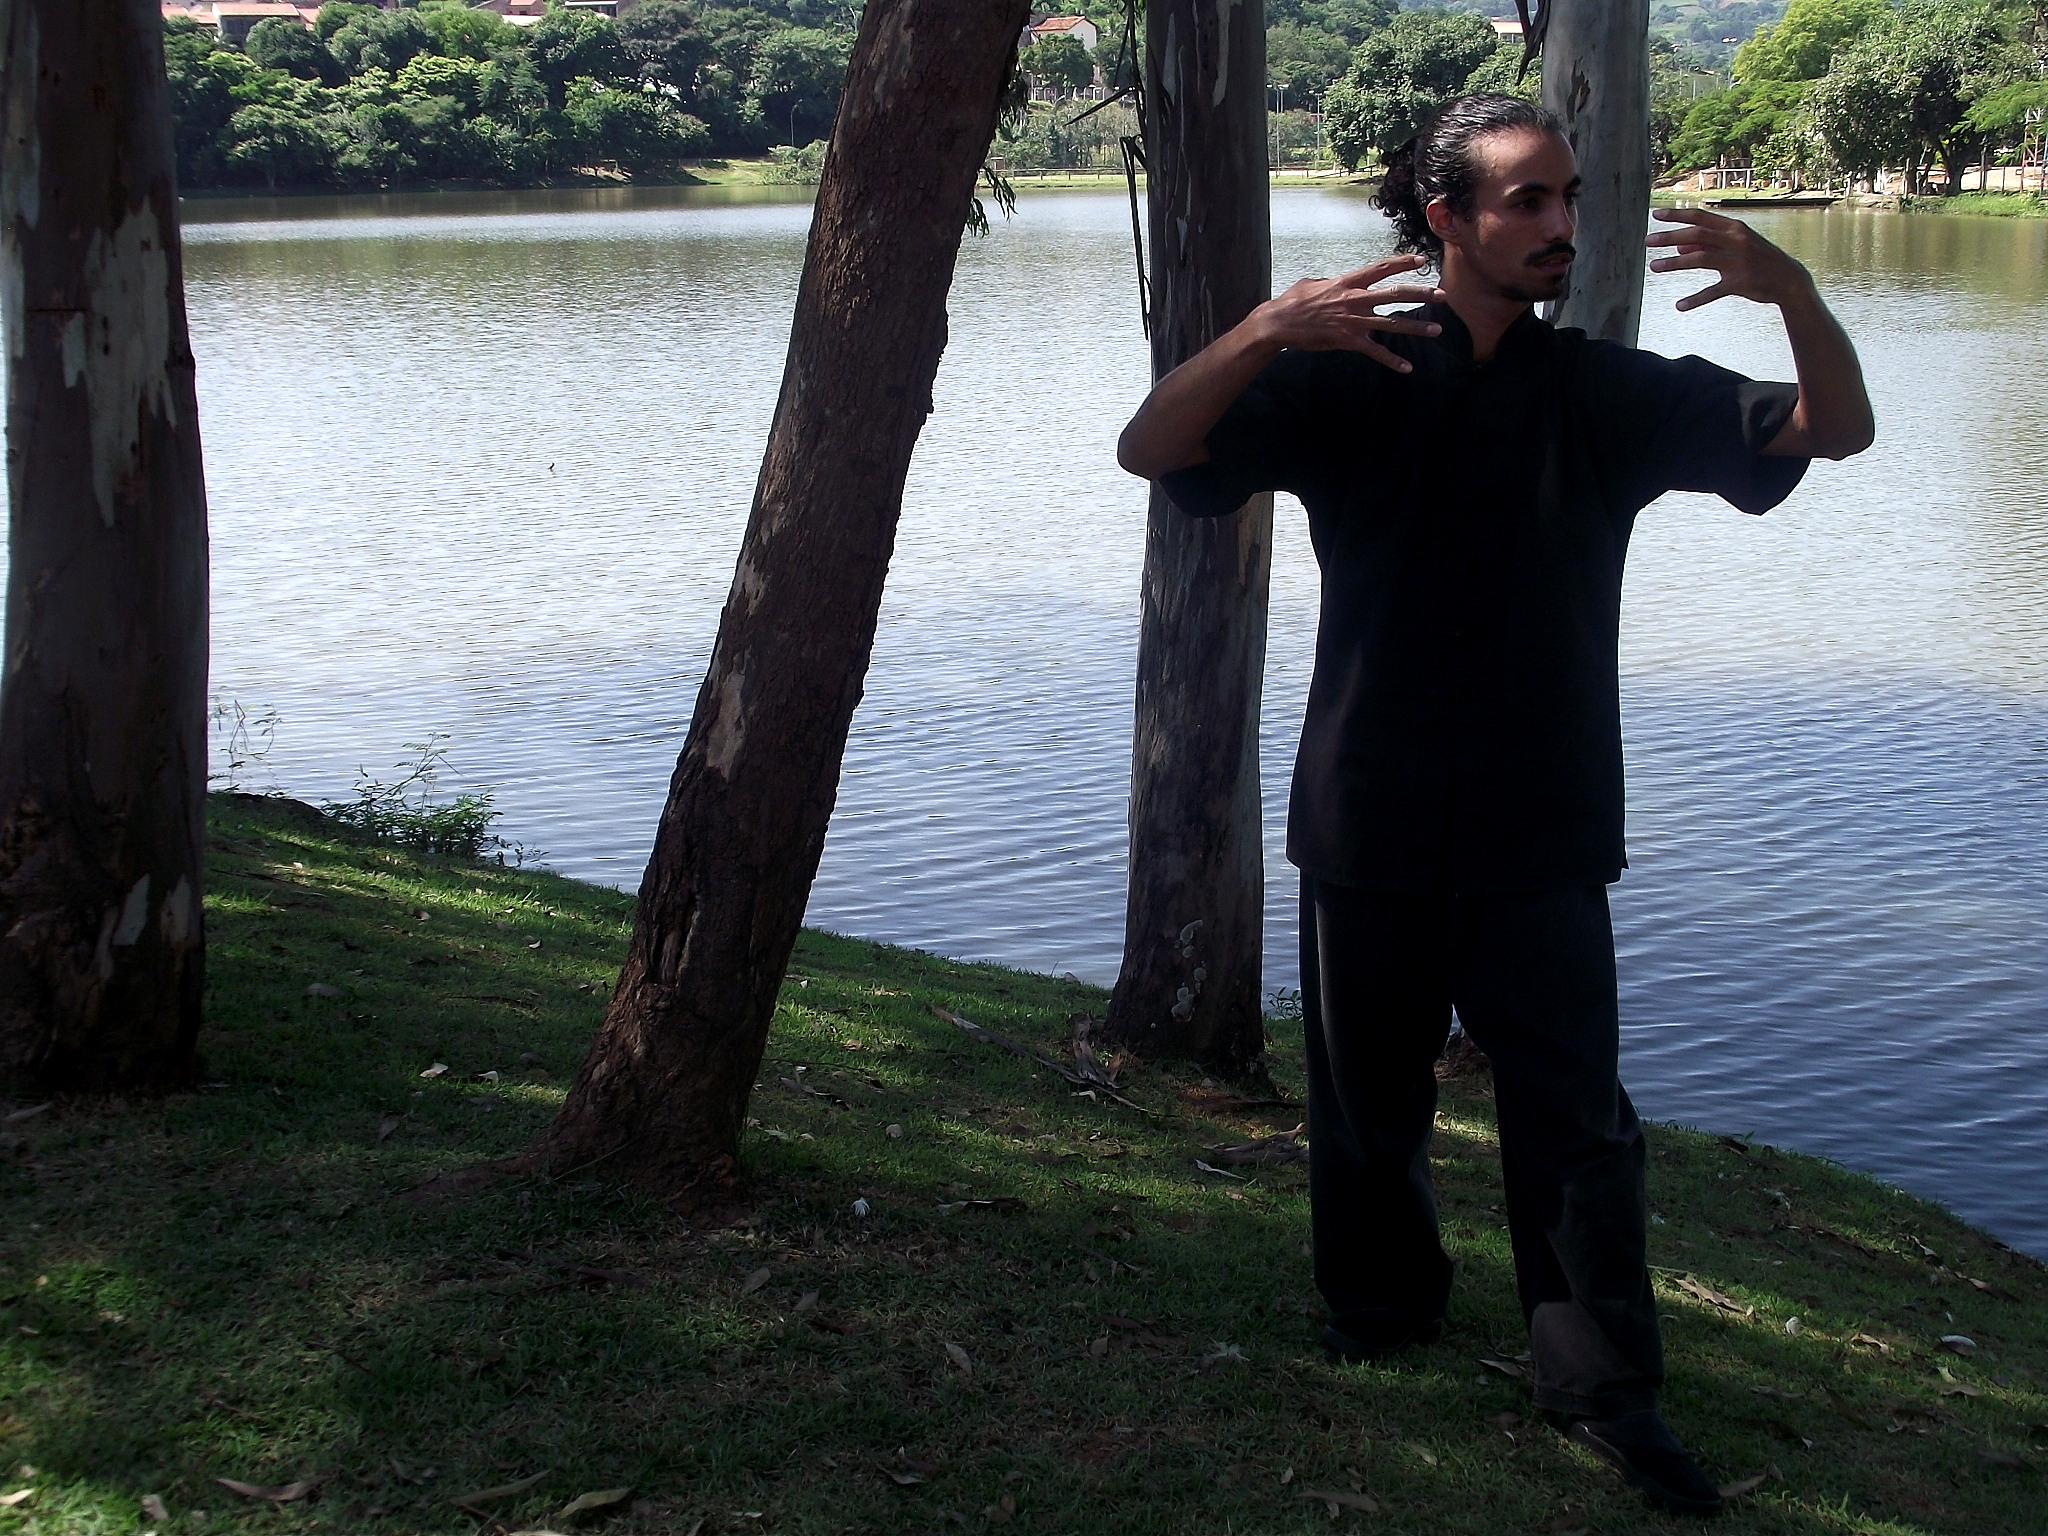 Professor Jerônimo marana em postura de zhan zhuang